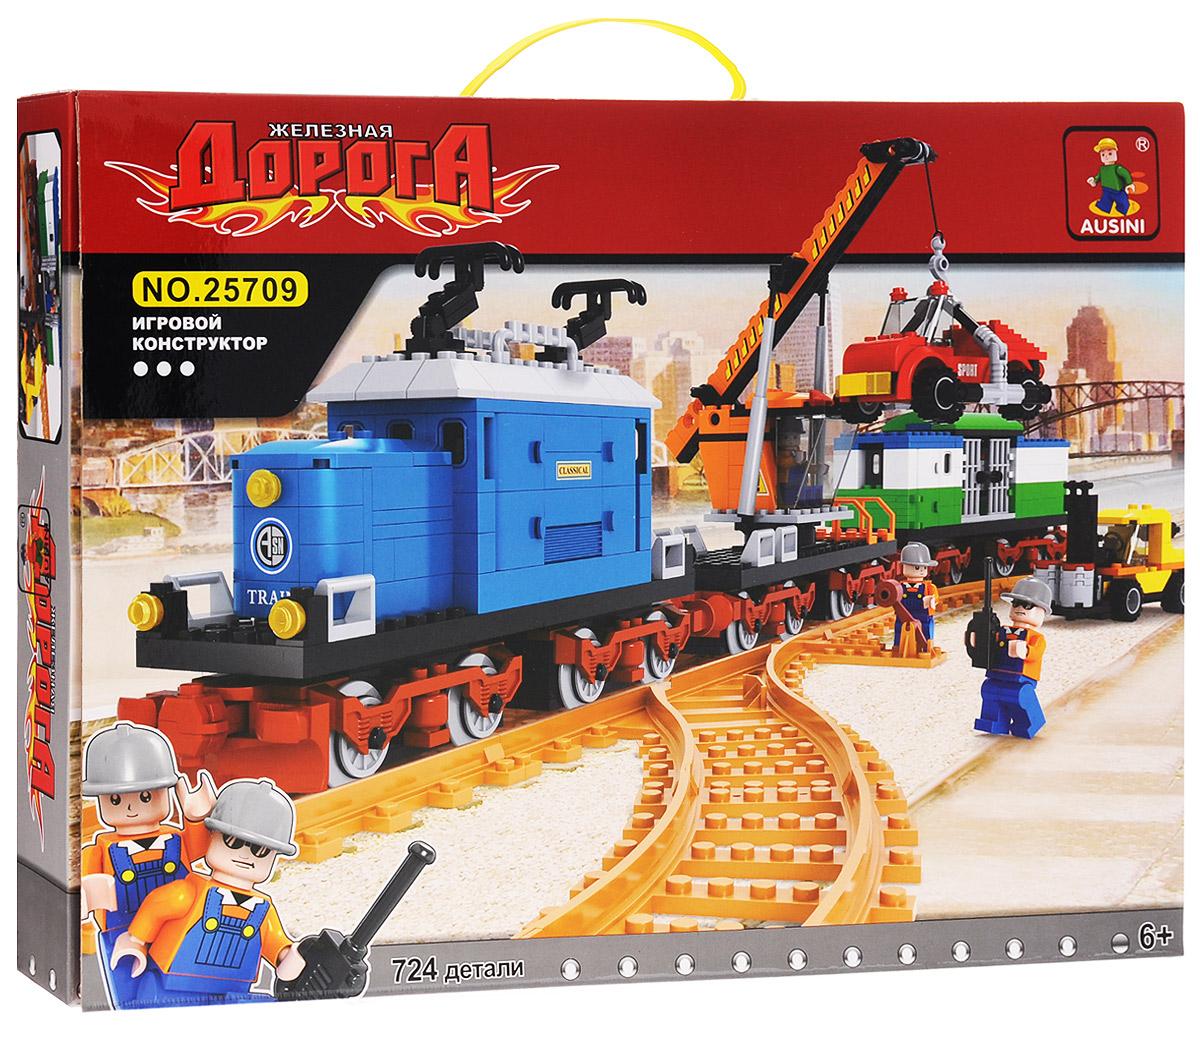 Ausini Конструктор Поезд 2570925709Конструктор Ausini Поезд состоит из 724 элементов, с помощью которых ребенок сможет построить железную дорогу с большим локомотивом, оснащенным железнодорожным краном на платформе и вагоном, легковой автомобиль и автопогрузчик. Поезд двигается по железной дороге, перемещая с помощью крана автомобиль. В комплект также включены 3 фигурки железнодорожных рабочих и 1 машиниста. Детали между собой прекрасно скрепляются, а также совместимы с конструкторами других марок. Малыш часами будет играть с этим конструктором, придумывая разные истории и комбинируя детали. Конструктор Ausini Поезд - это замечательная развивающая игрушка, которая послужит не только в качестве развлечения вашего ребенка, но и поможет ему в совершенствовании таких жизненно важных навыков, как мелкая моторика, тактильное и визуальное восприятие, мышление, воображение, внимательность и усидчивость, а также познакомит его с основами моделирования и конструирования. Совместим с конструкторами...